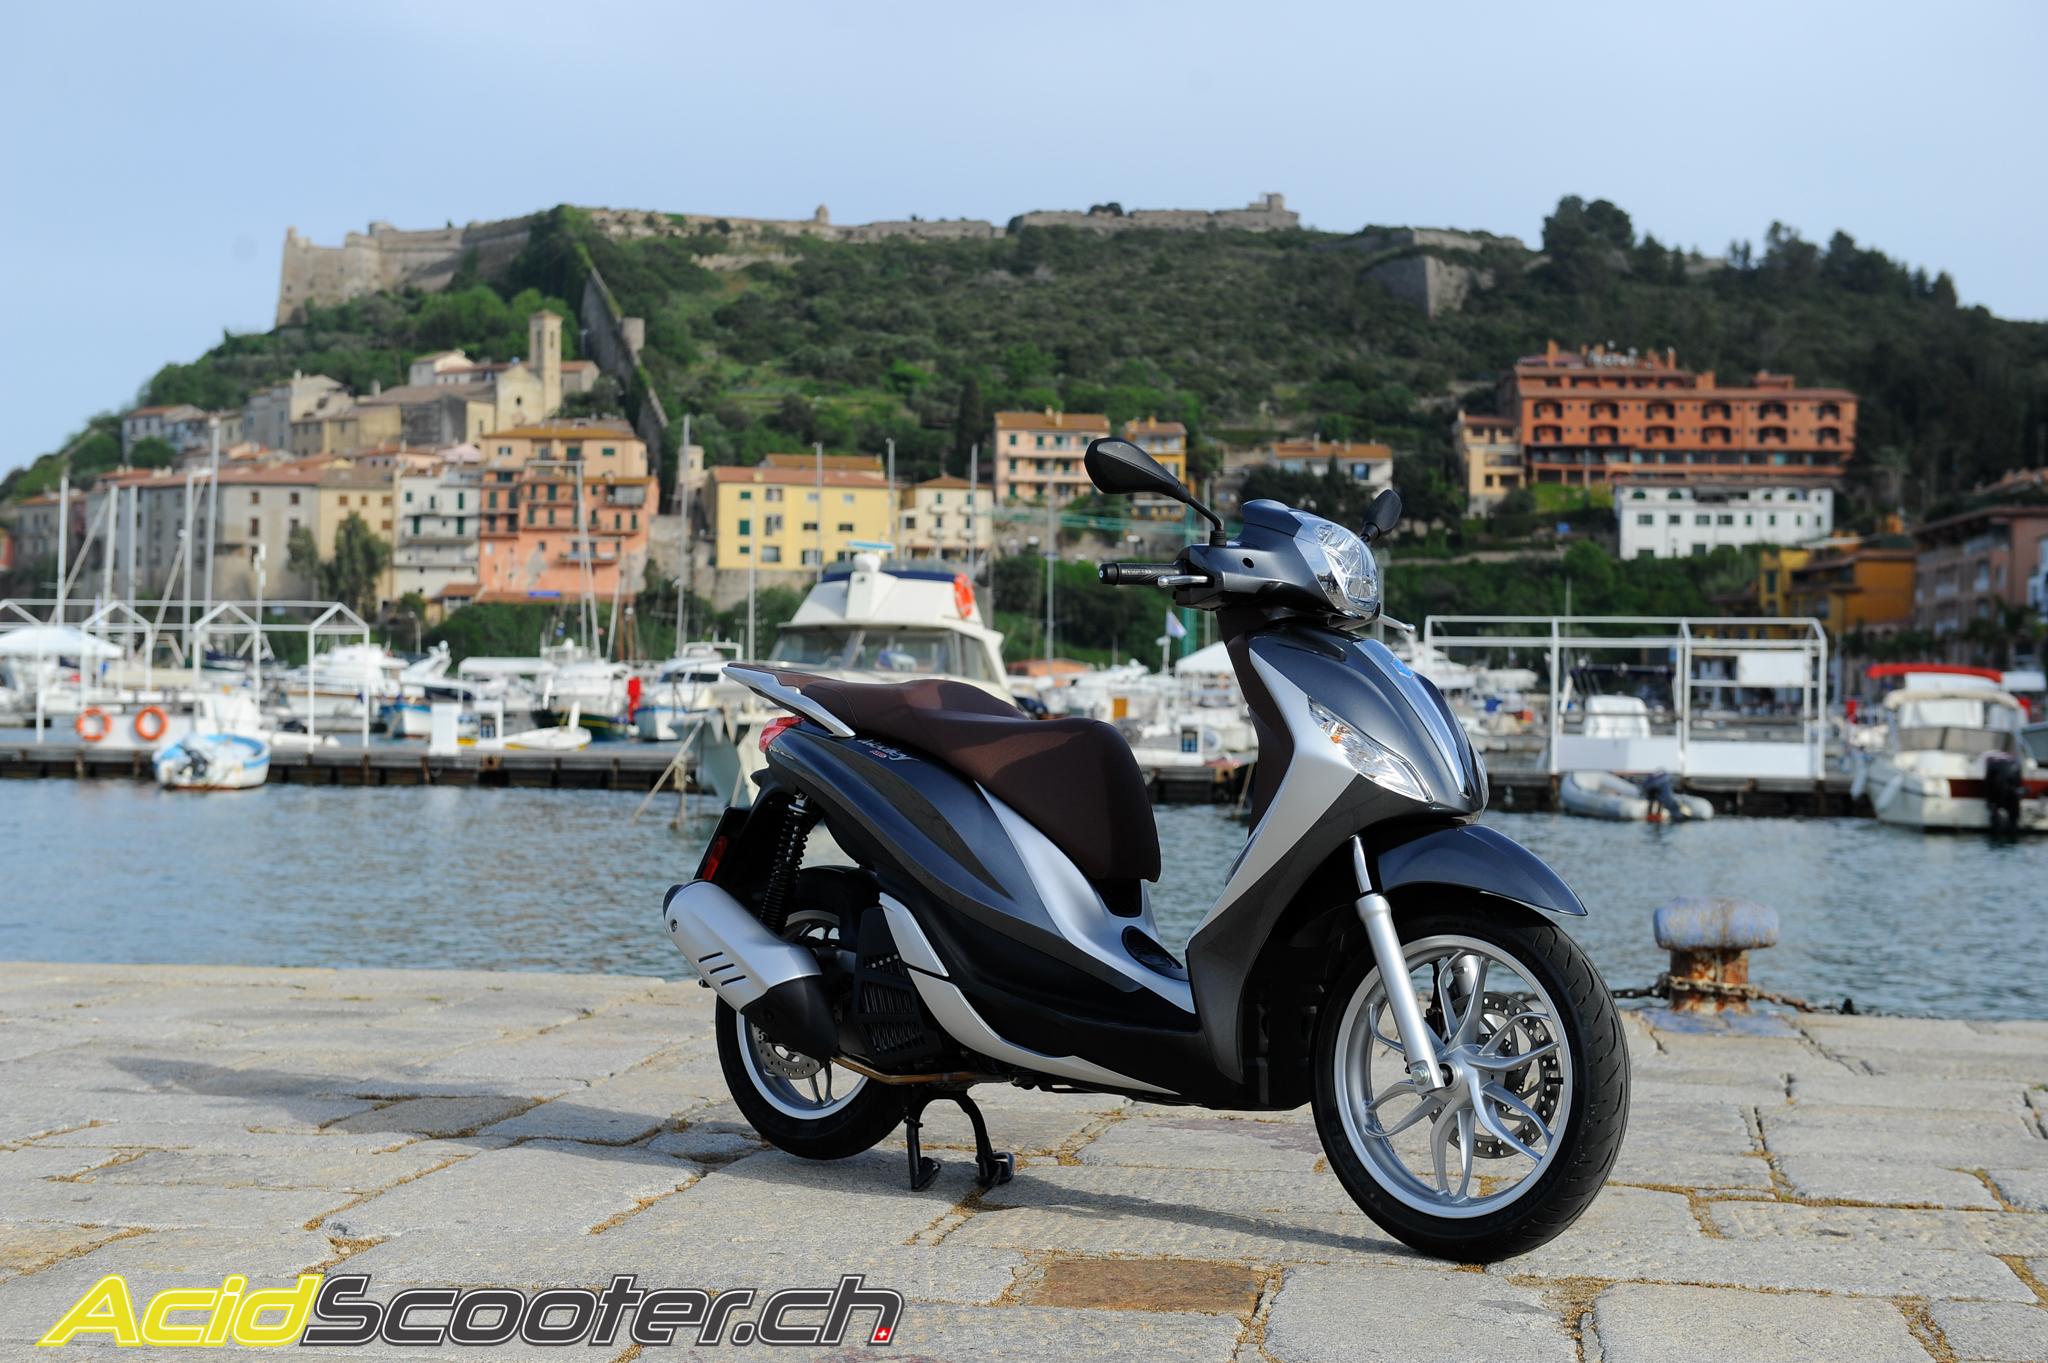 essai du nouveau scooter piaggio medley 125 le site suisse de l 39 information moto. Black Bedroom Furniture Sets. Home Design Ideas